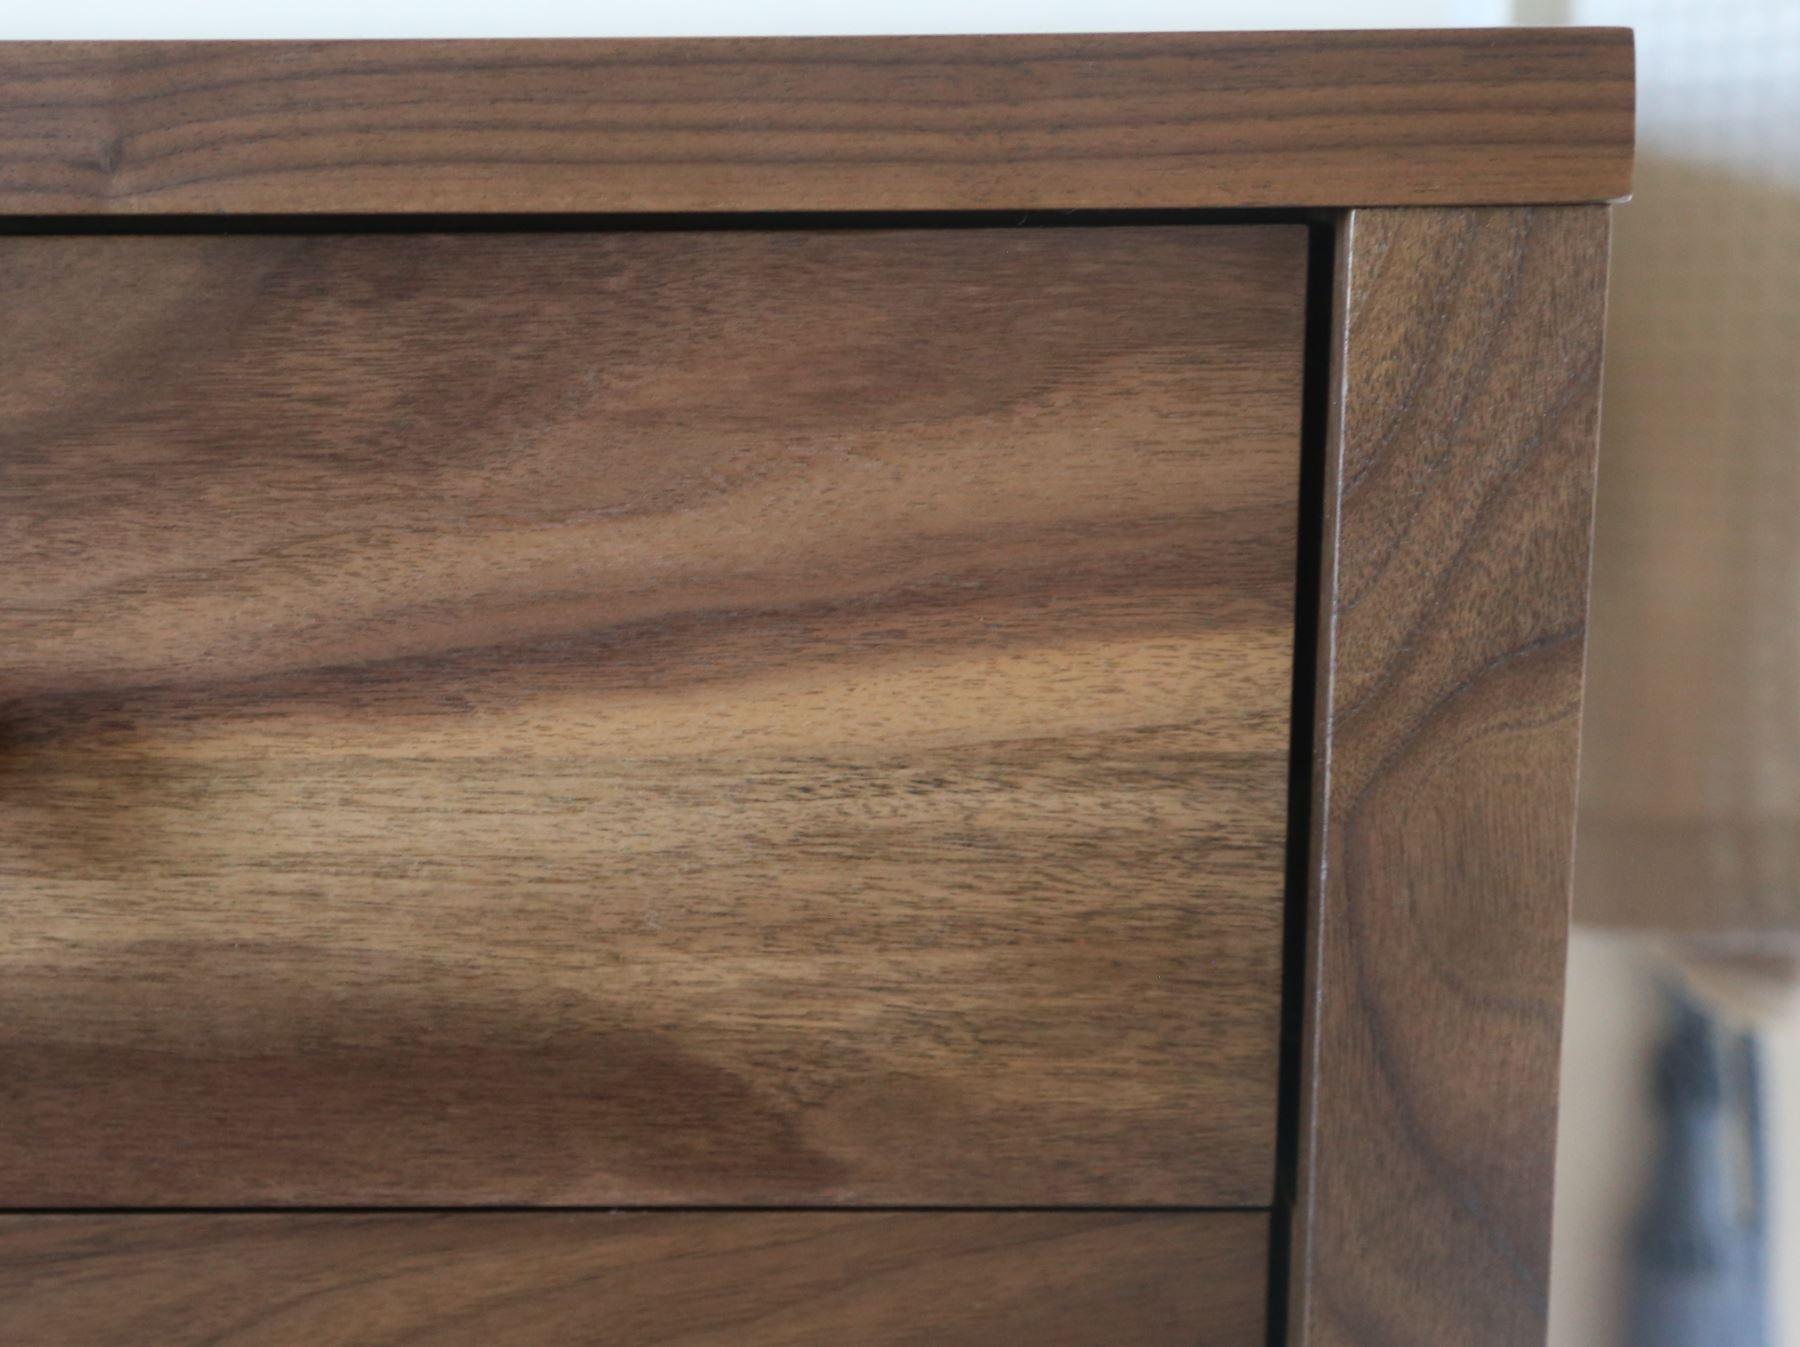 Repaired dresser